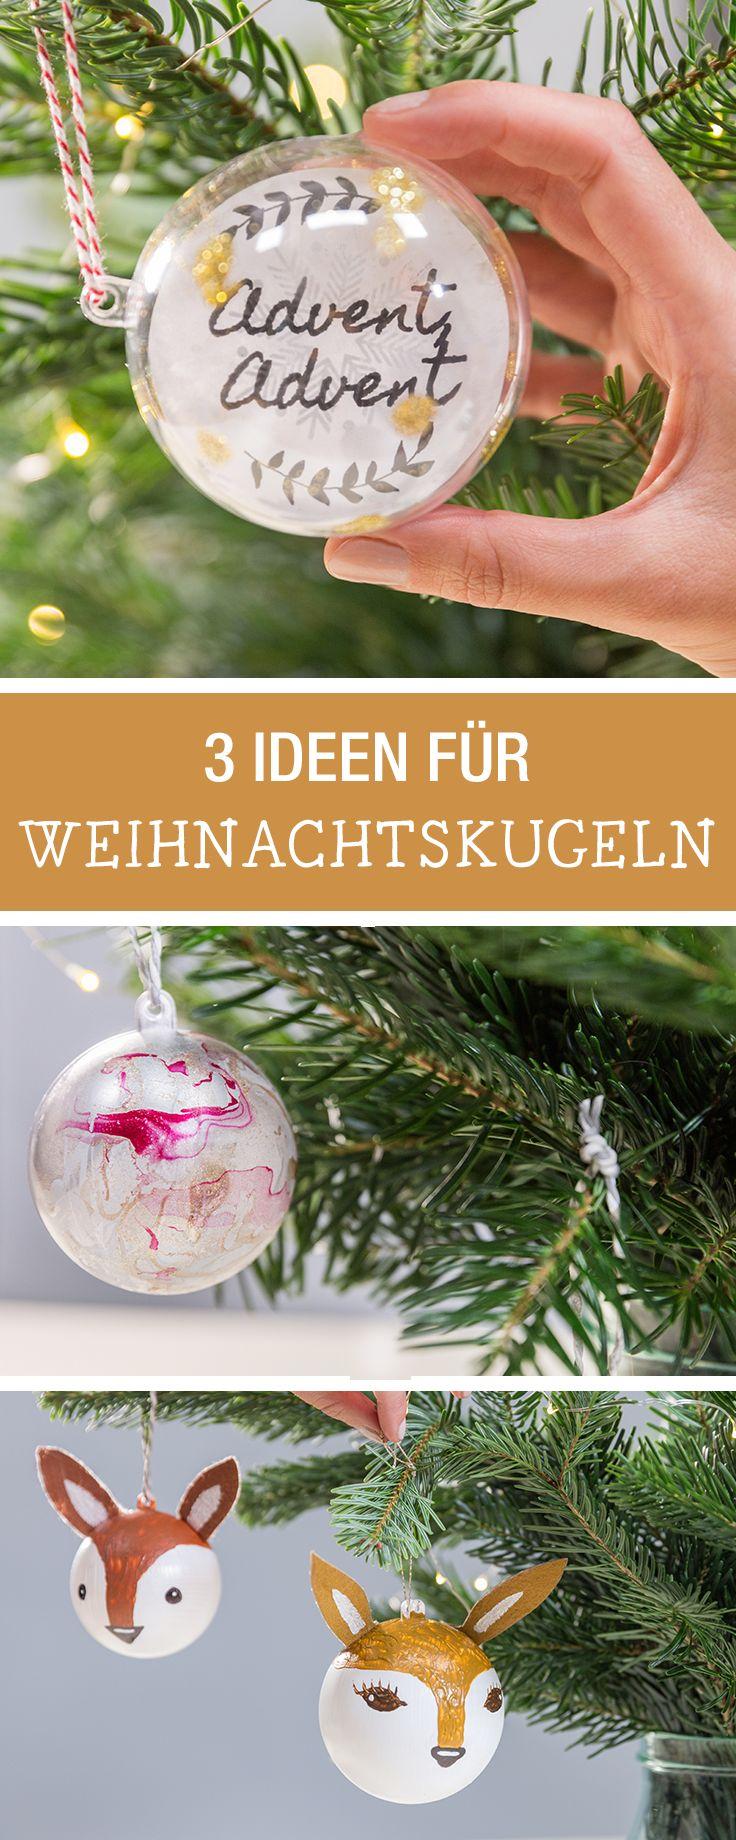 25 einzigartige christbaumkugeln ideen auf pinterest - Christbaumkugeln selber machen ...